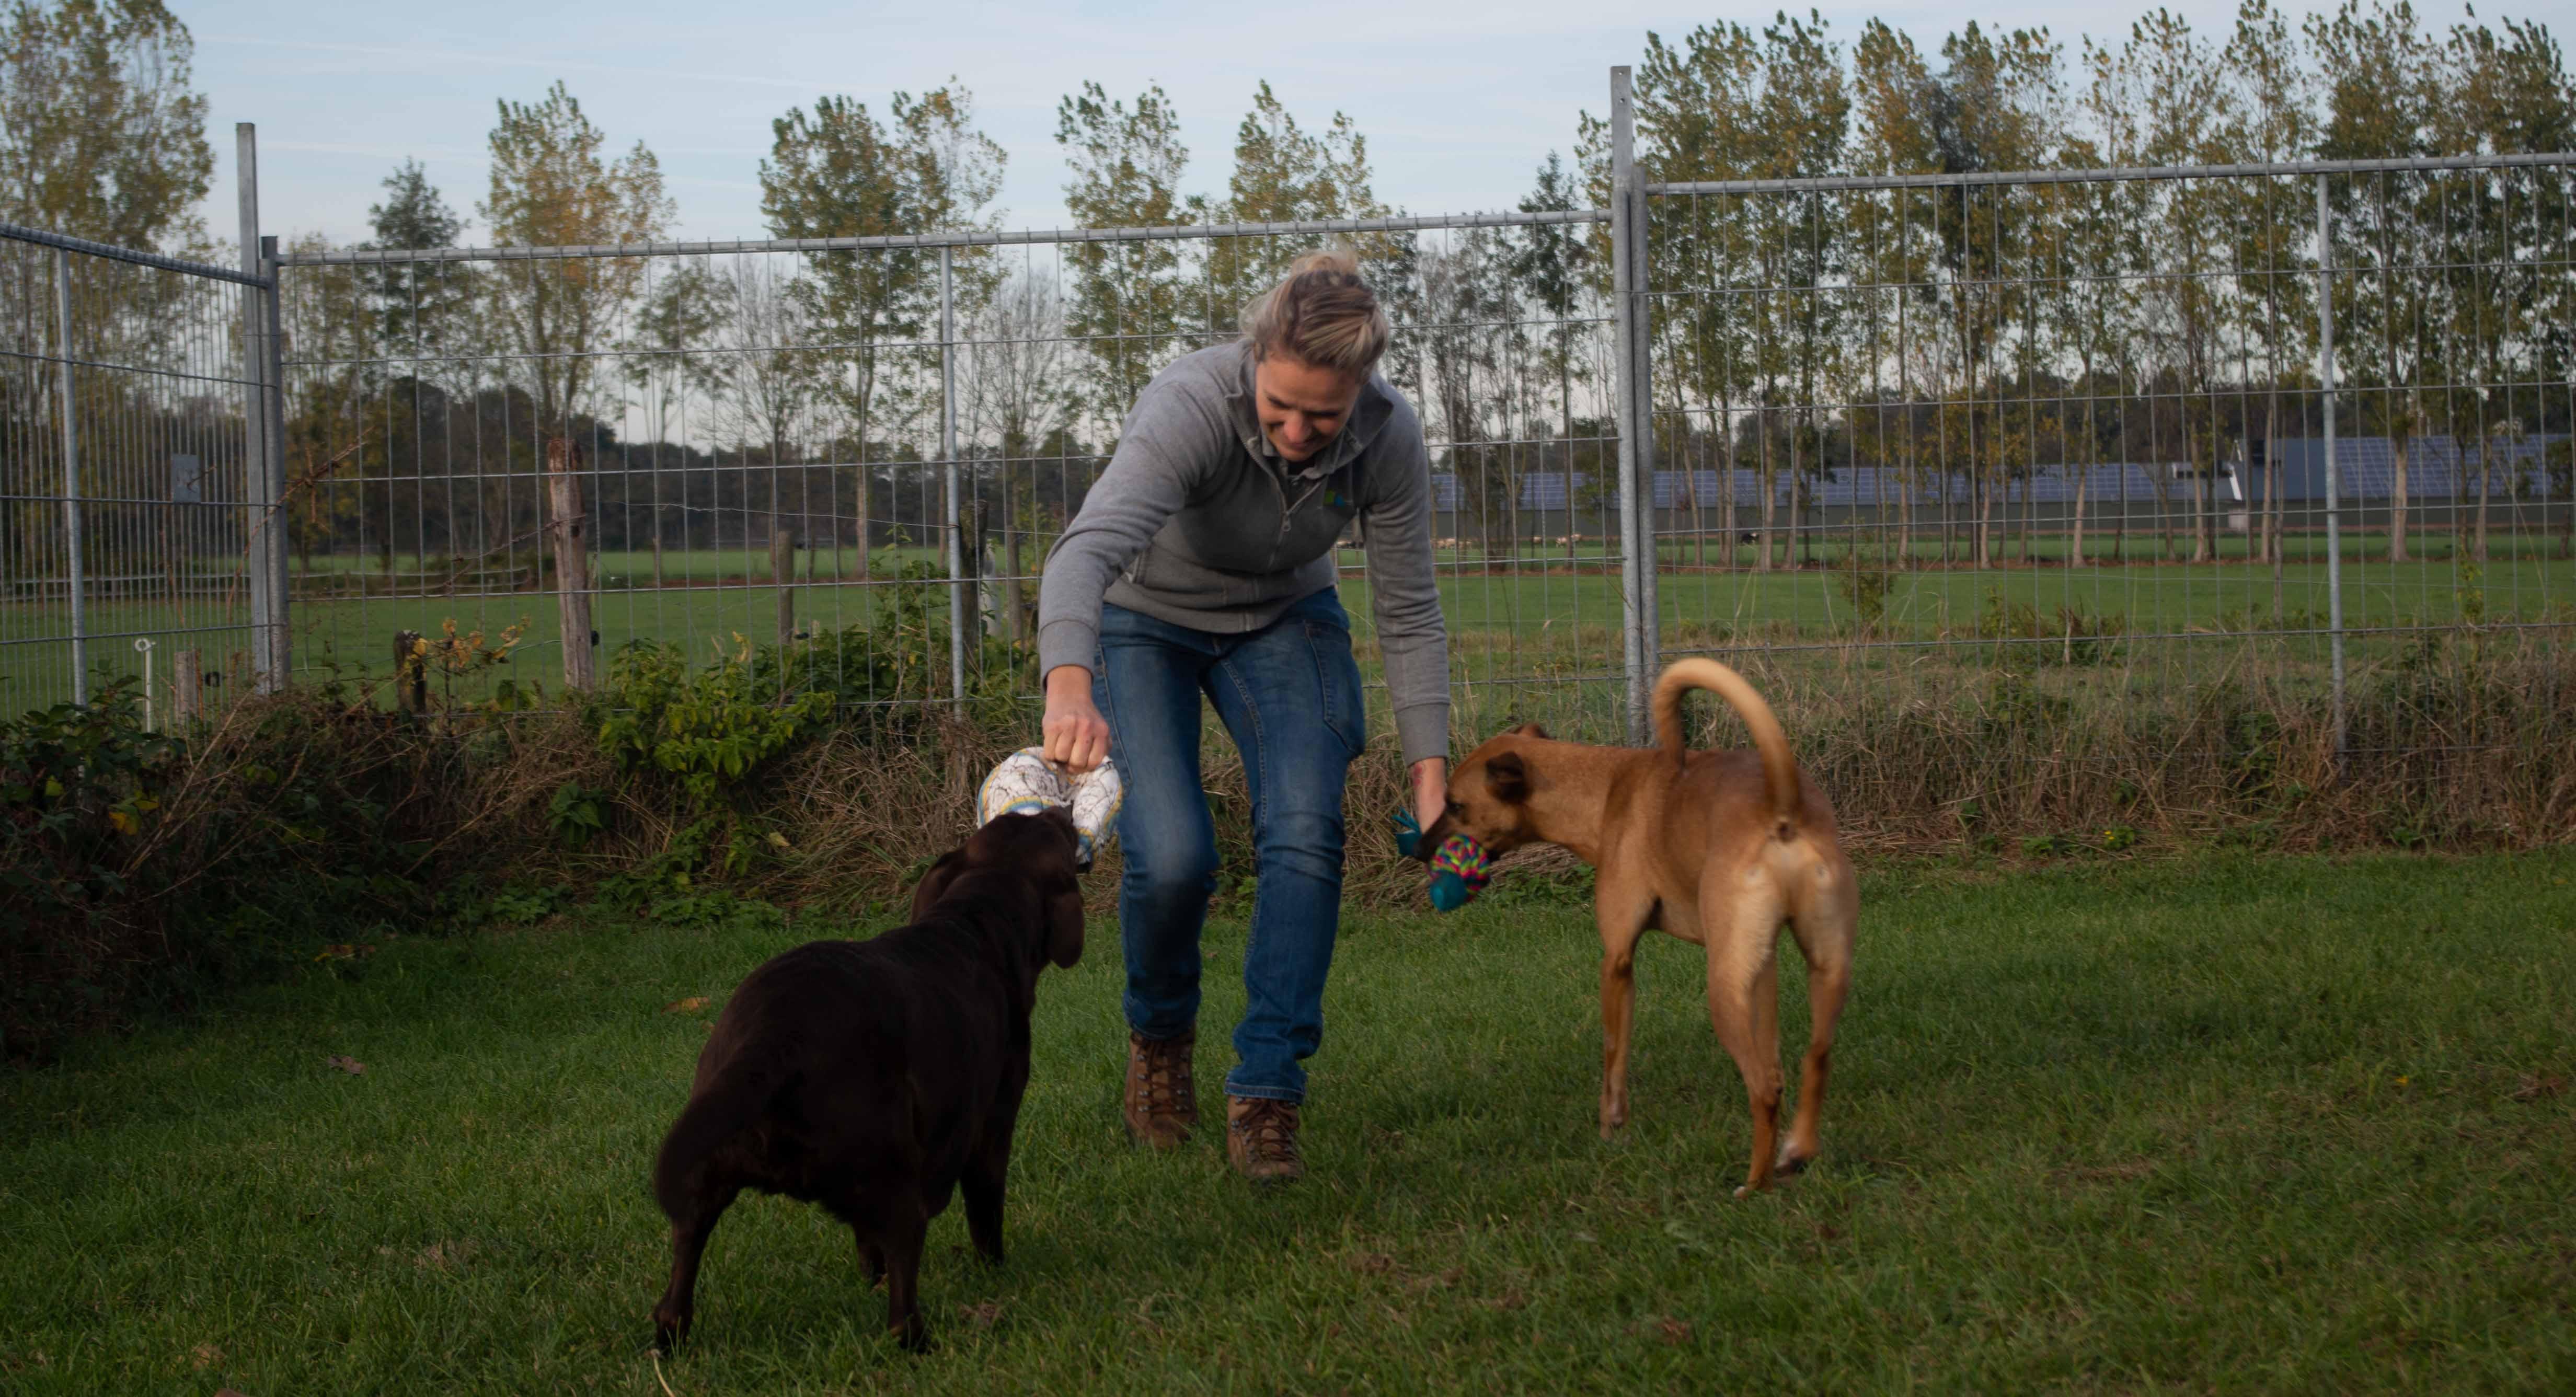 Vrouw aan het spelen met 2 honden.